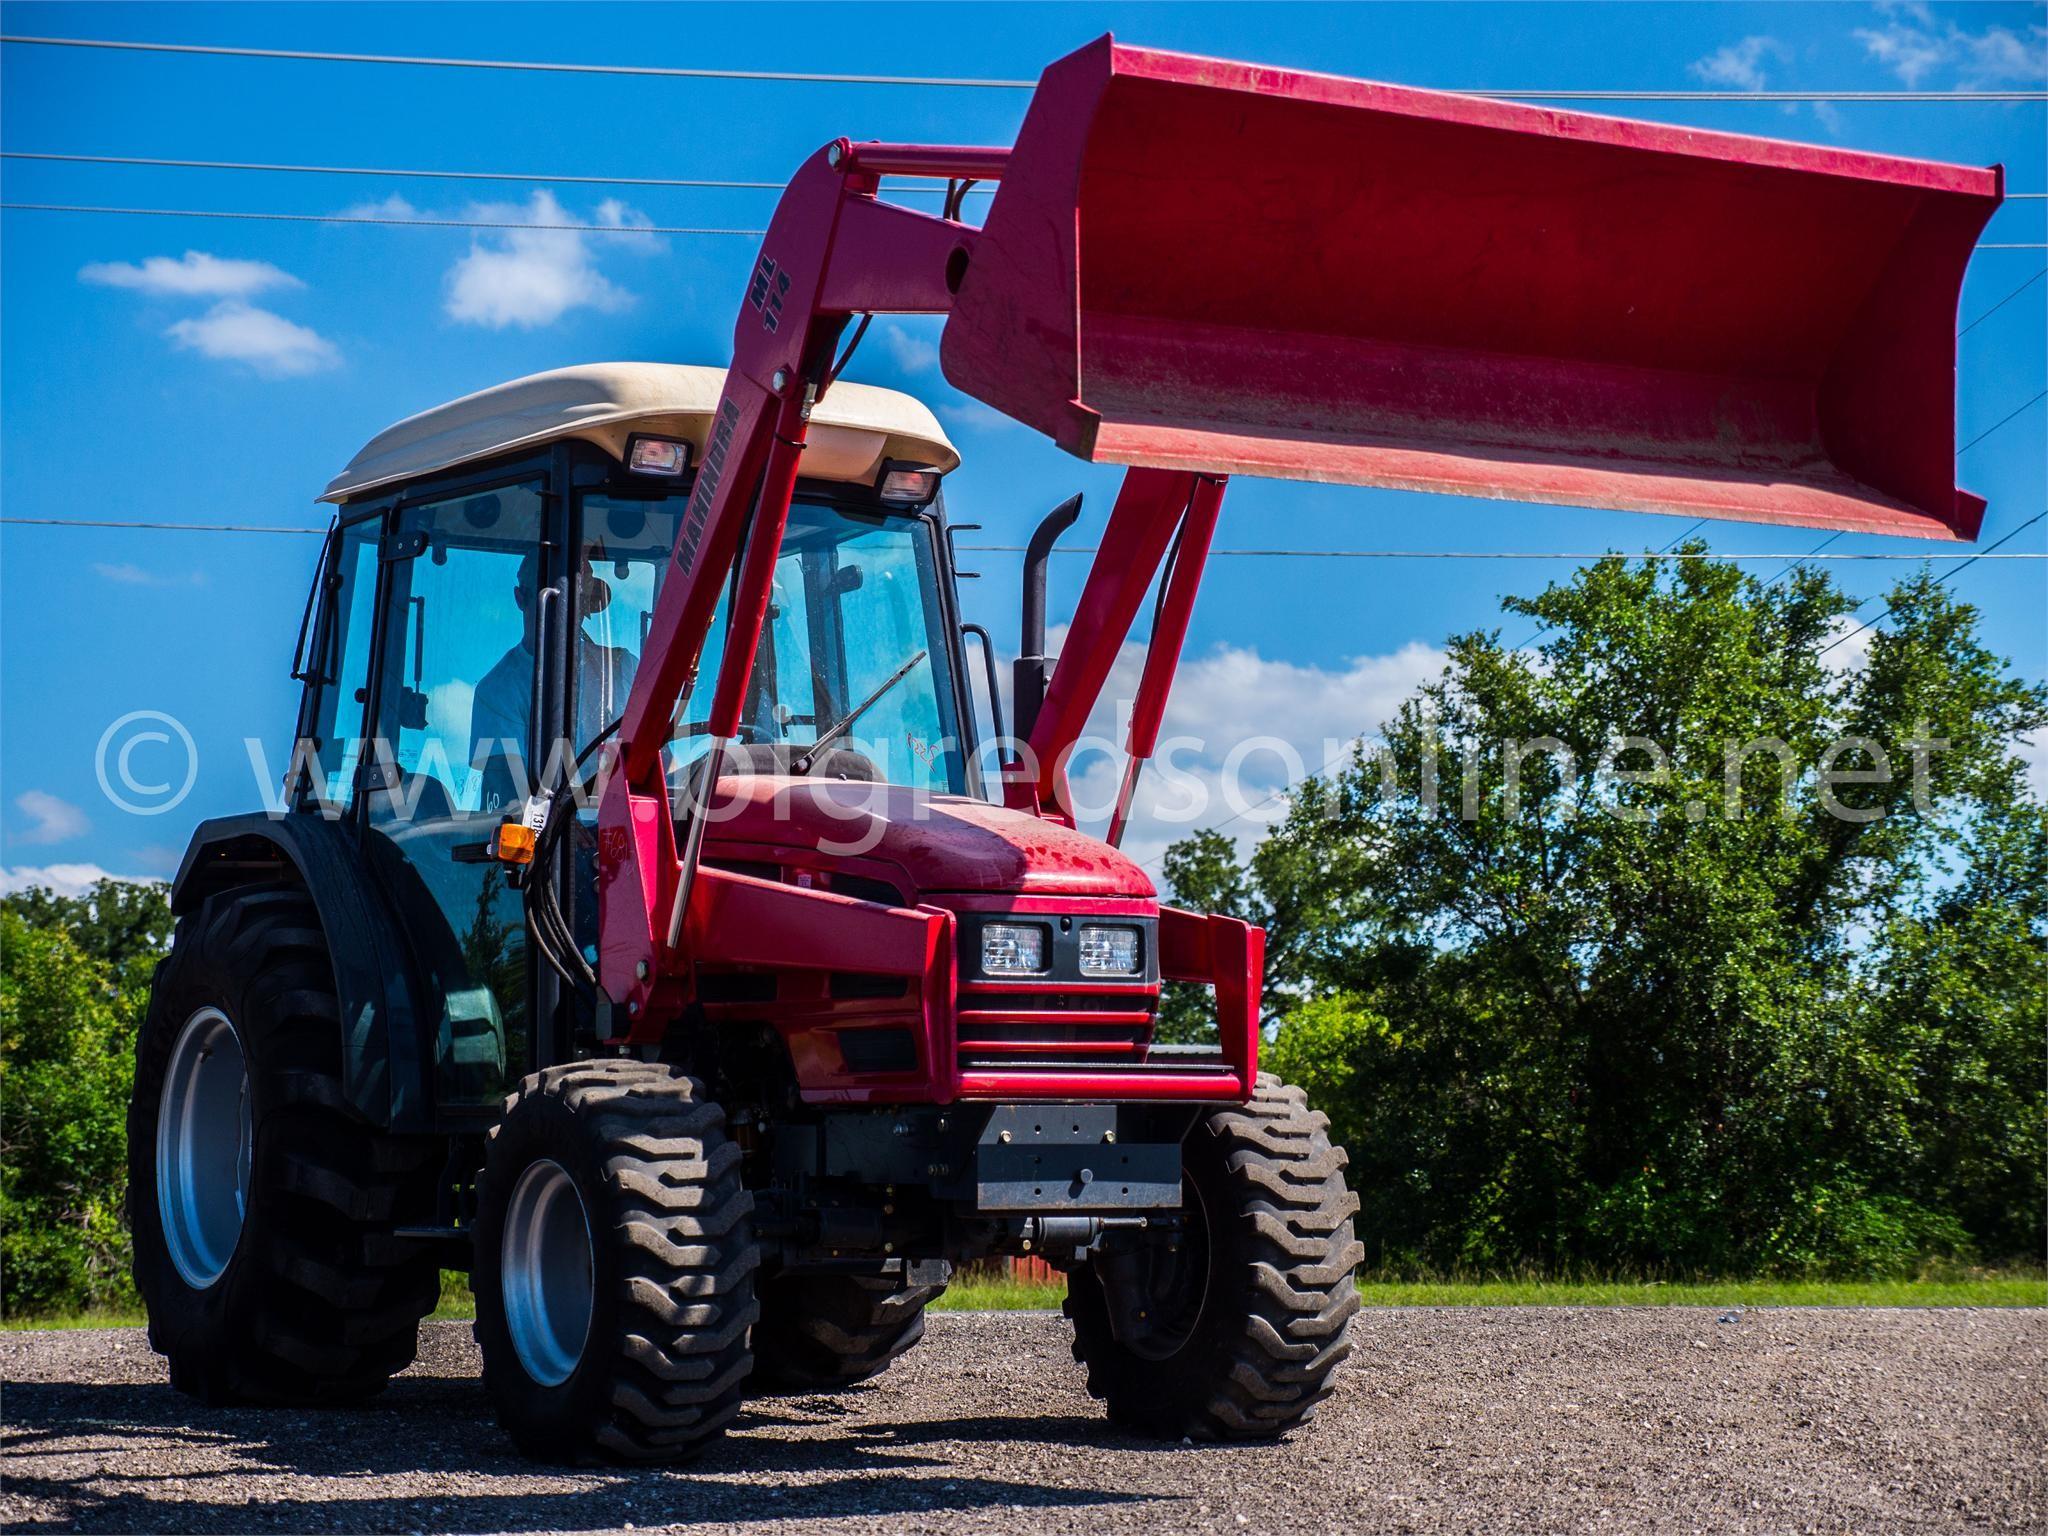 2008 MAHINDRA 4510 40-99 HP Tractor